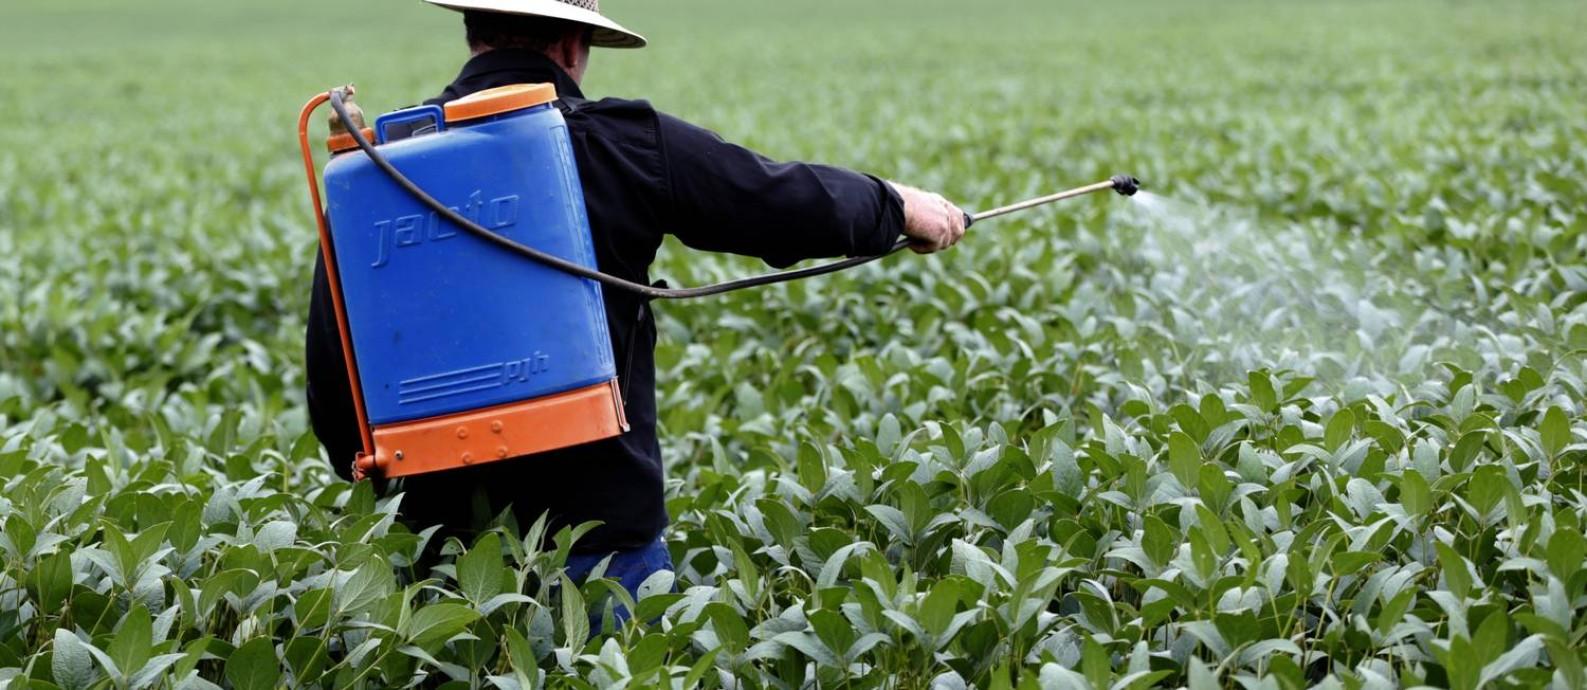 Agrotóxicos: atlas aponta os produtos mais usados no planeta Foto: Michel Filho / Agência O Globo